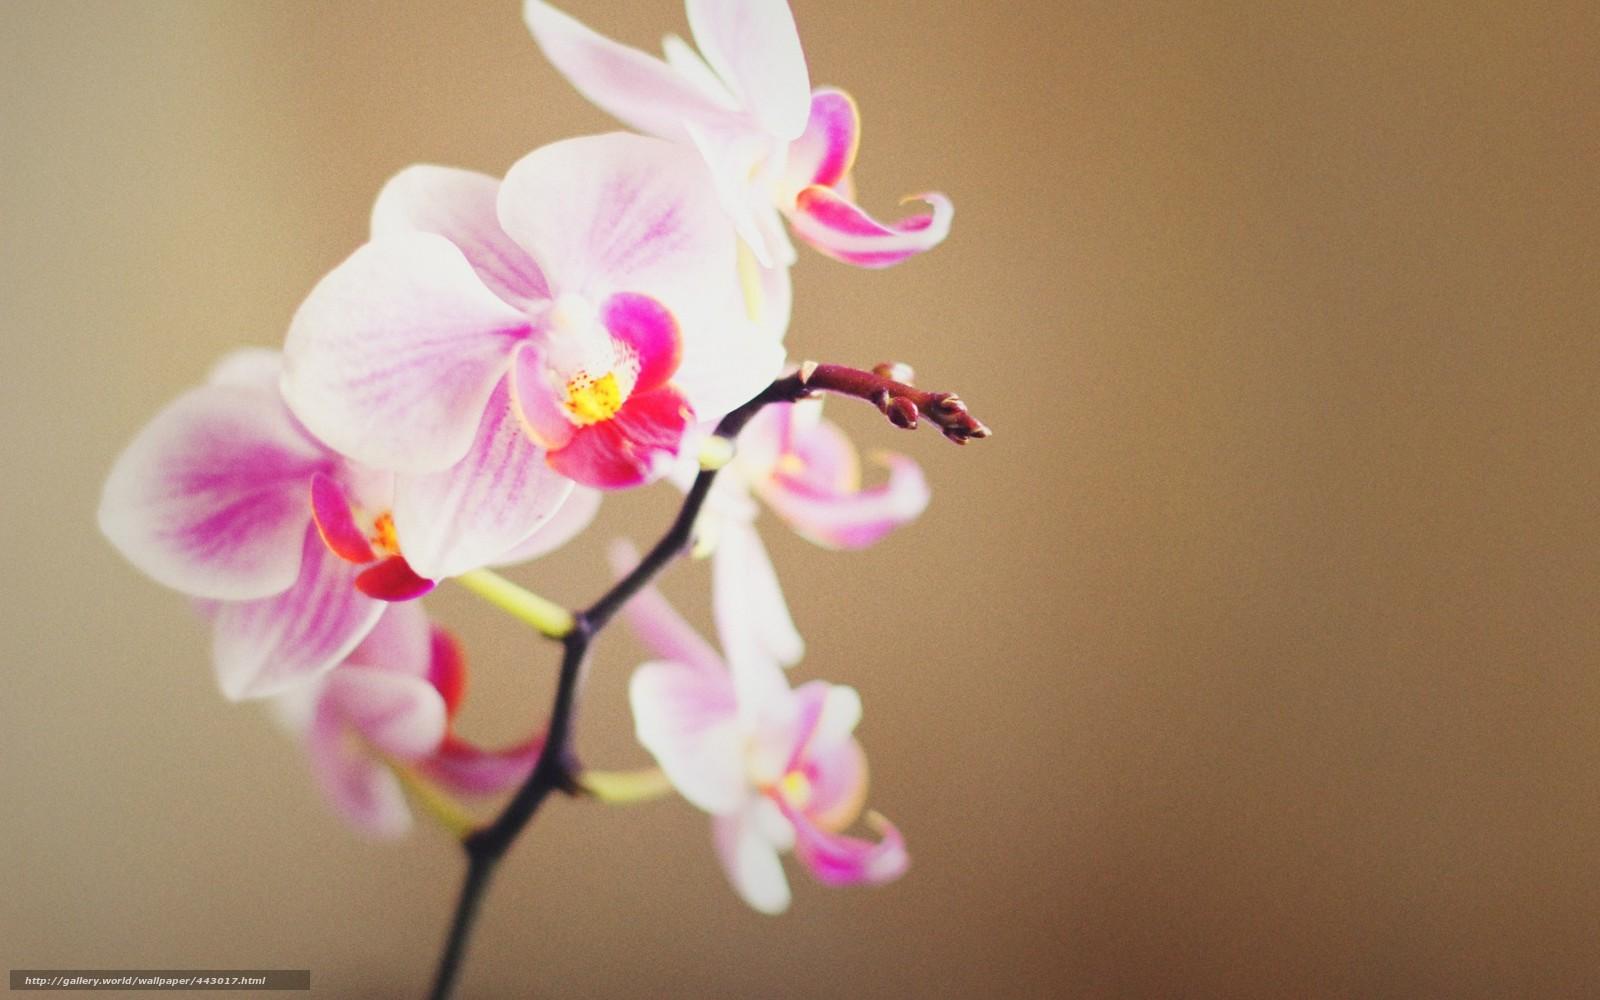 Скачать обои Орхидея,  цветок,  красиво,  нежно бесплатно для рабочего стола в разрешении 1680x1050 — картинка №443017